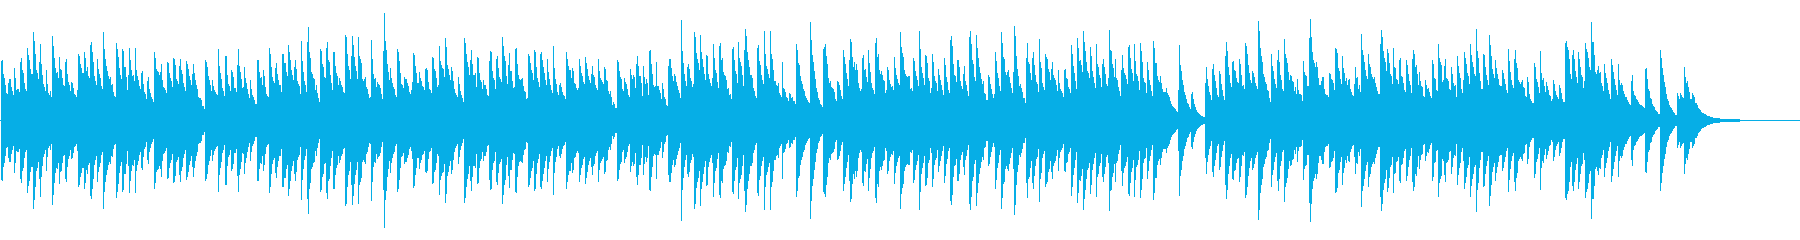 愛の挨拶 72弁オルゴール の再生済みの波形